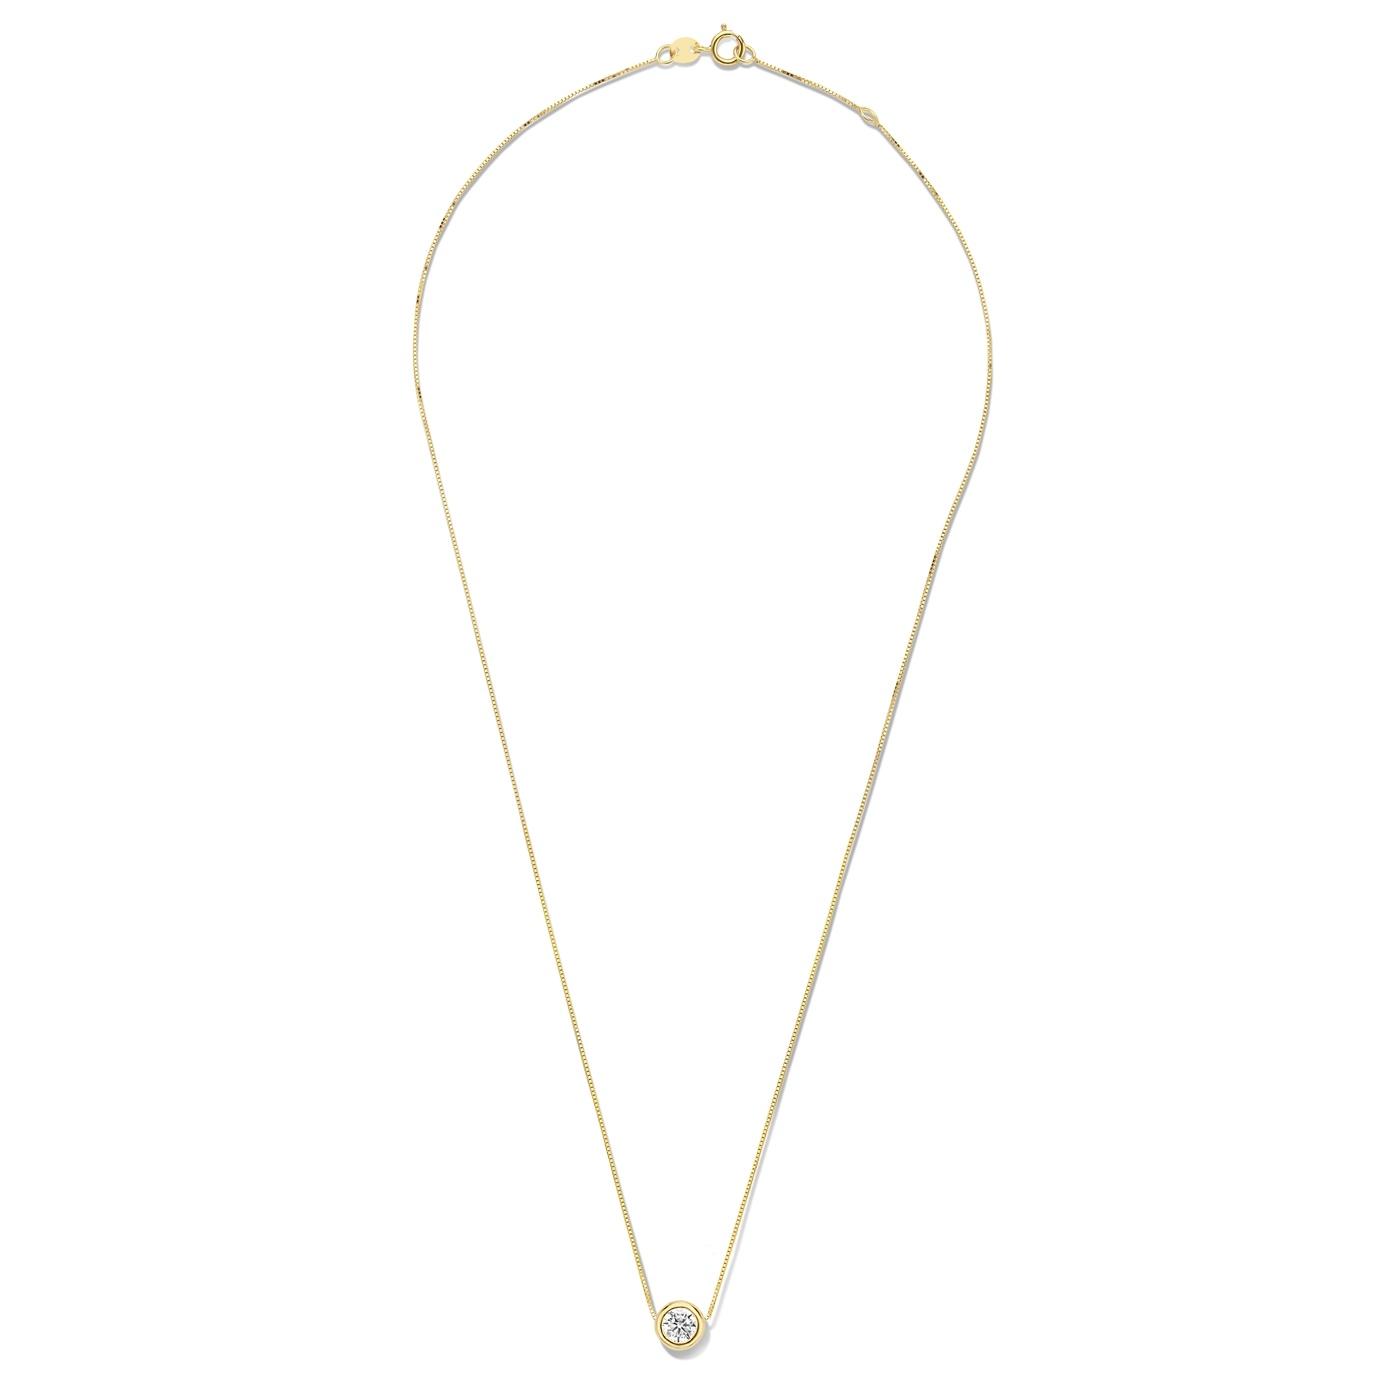 Isabel Bernard Le Marais Lison 14 karaat gouden collier met zirkonia